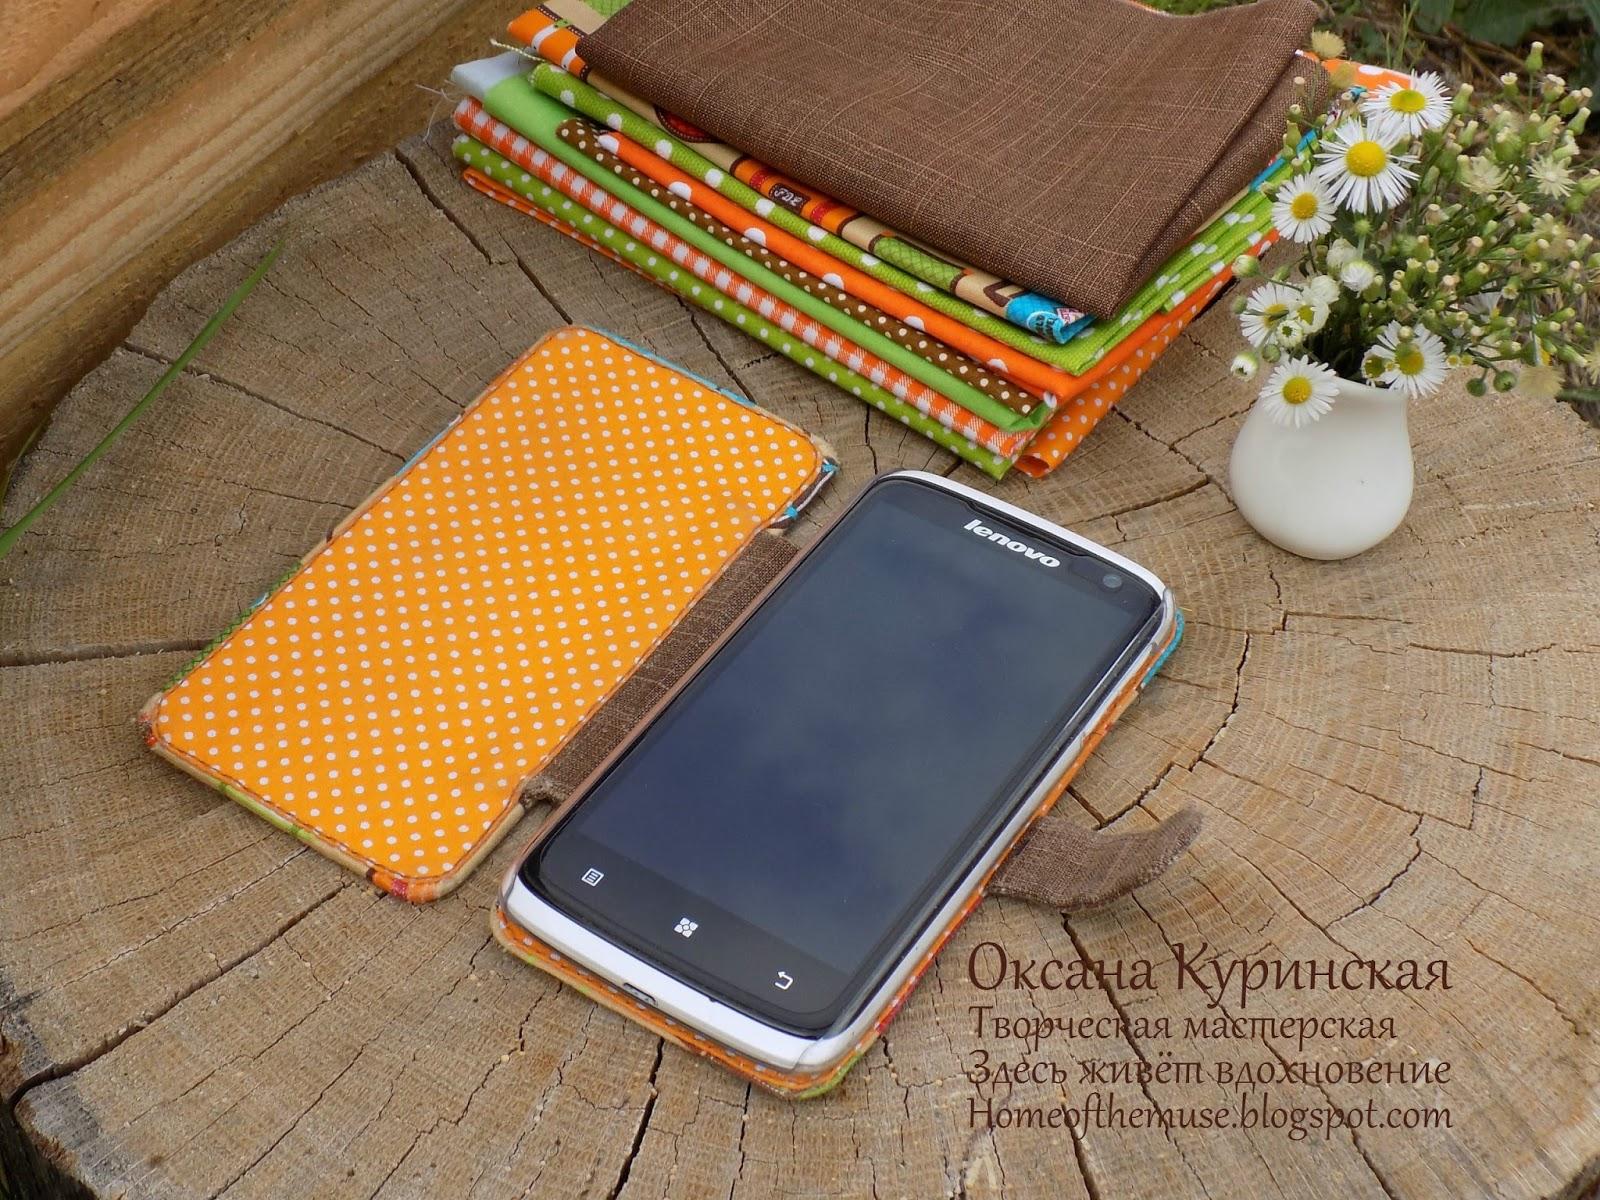 Чехол для смартфона своими руками: 6 оригинальных моделей 47